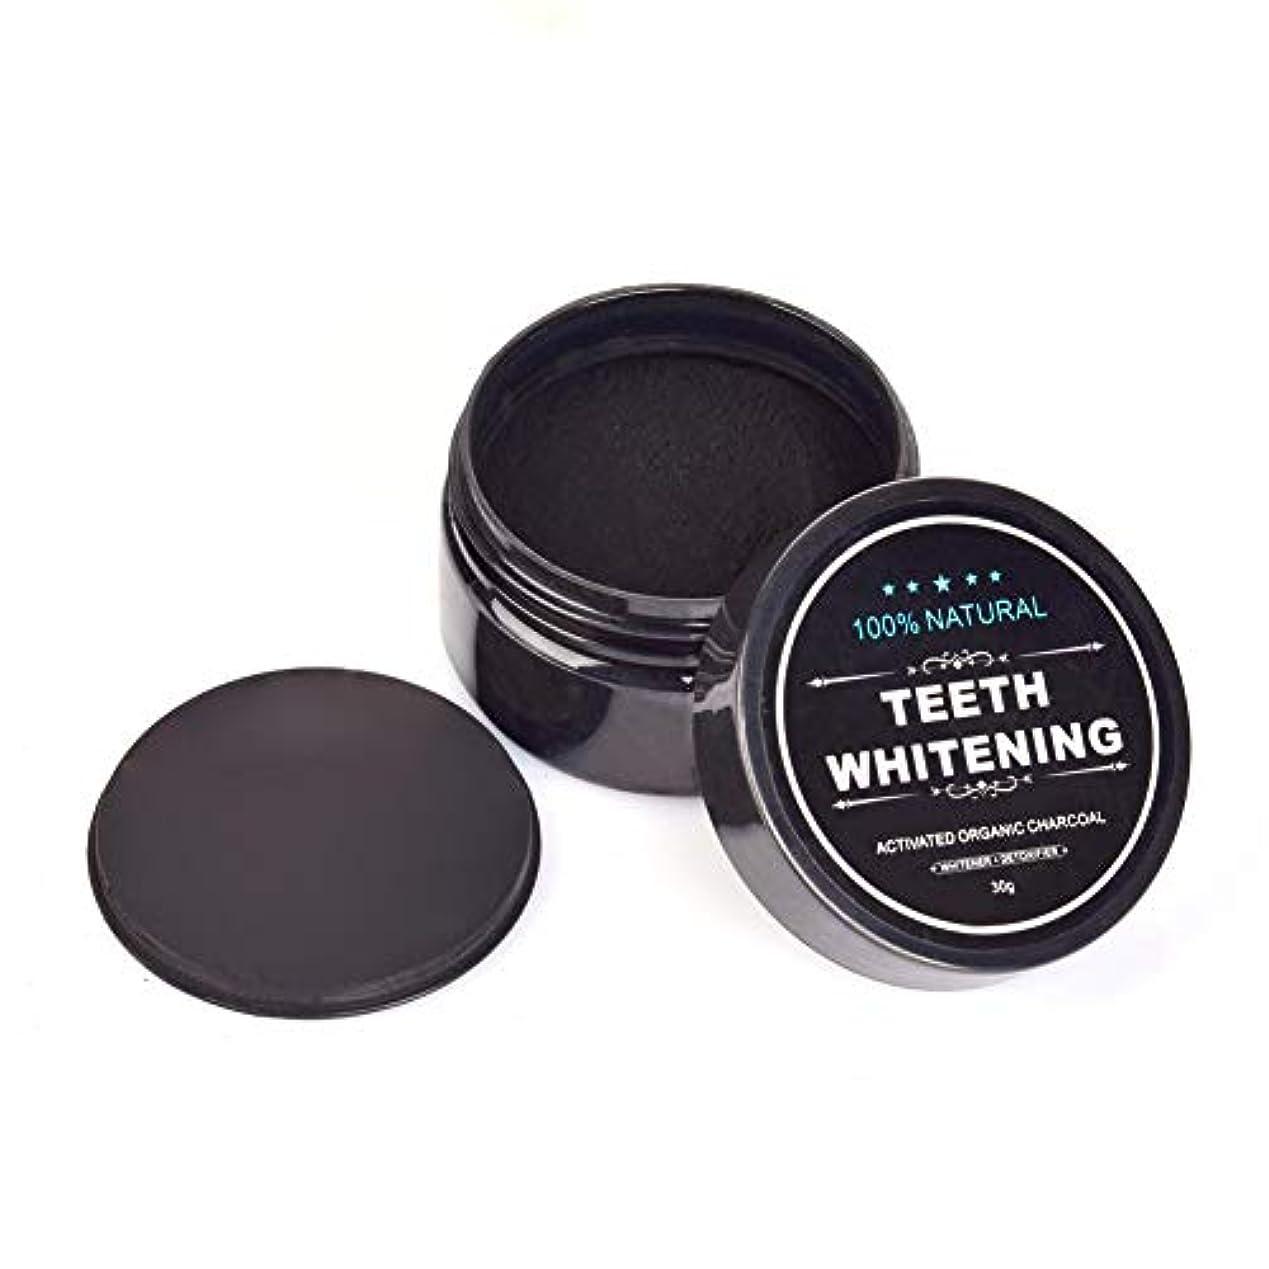 仮定カスケード幅SILUN チャコールホワイトニング 歯 ホワイトニング チャコール型 マイクロパウダー 歯 ホワイトニング 食べれる活性炭 竹炭 歯を白くする歯磨き粉 活性炭パウダー